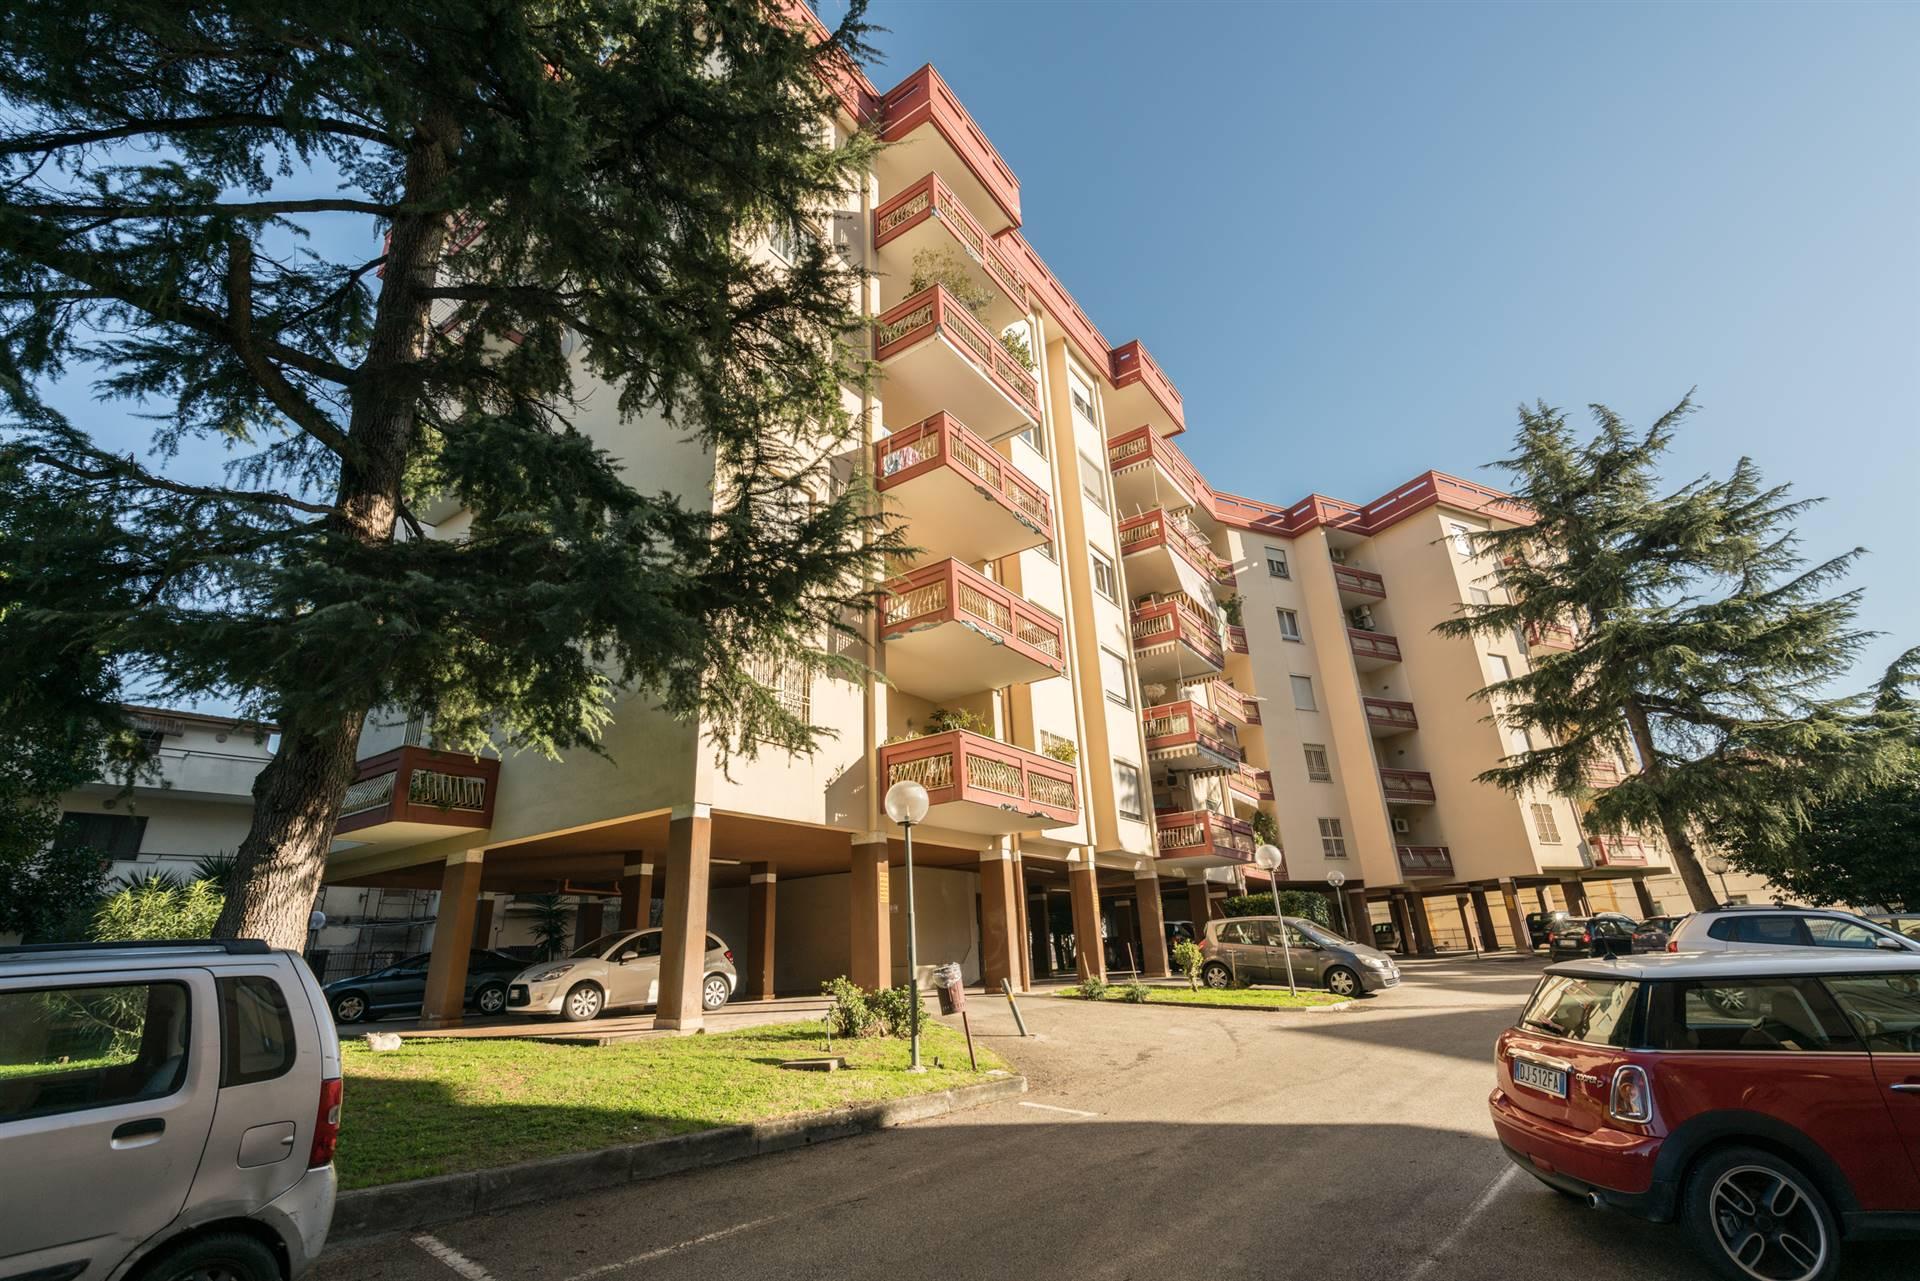 AF872-Appartamento-SANTA-MARIA-CAPUA-VETERE-Via-Avezzana